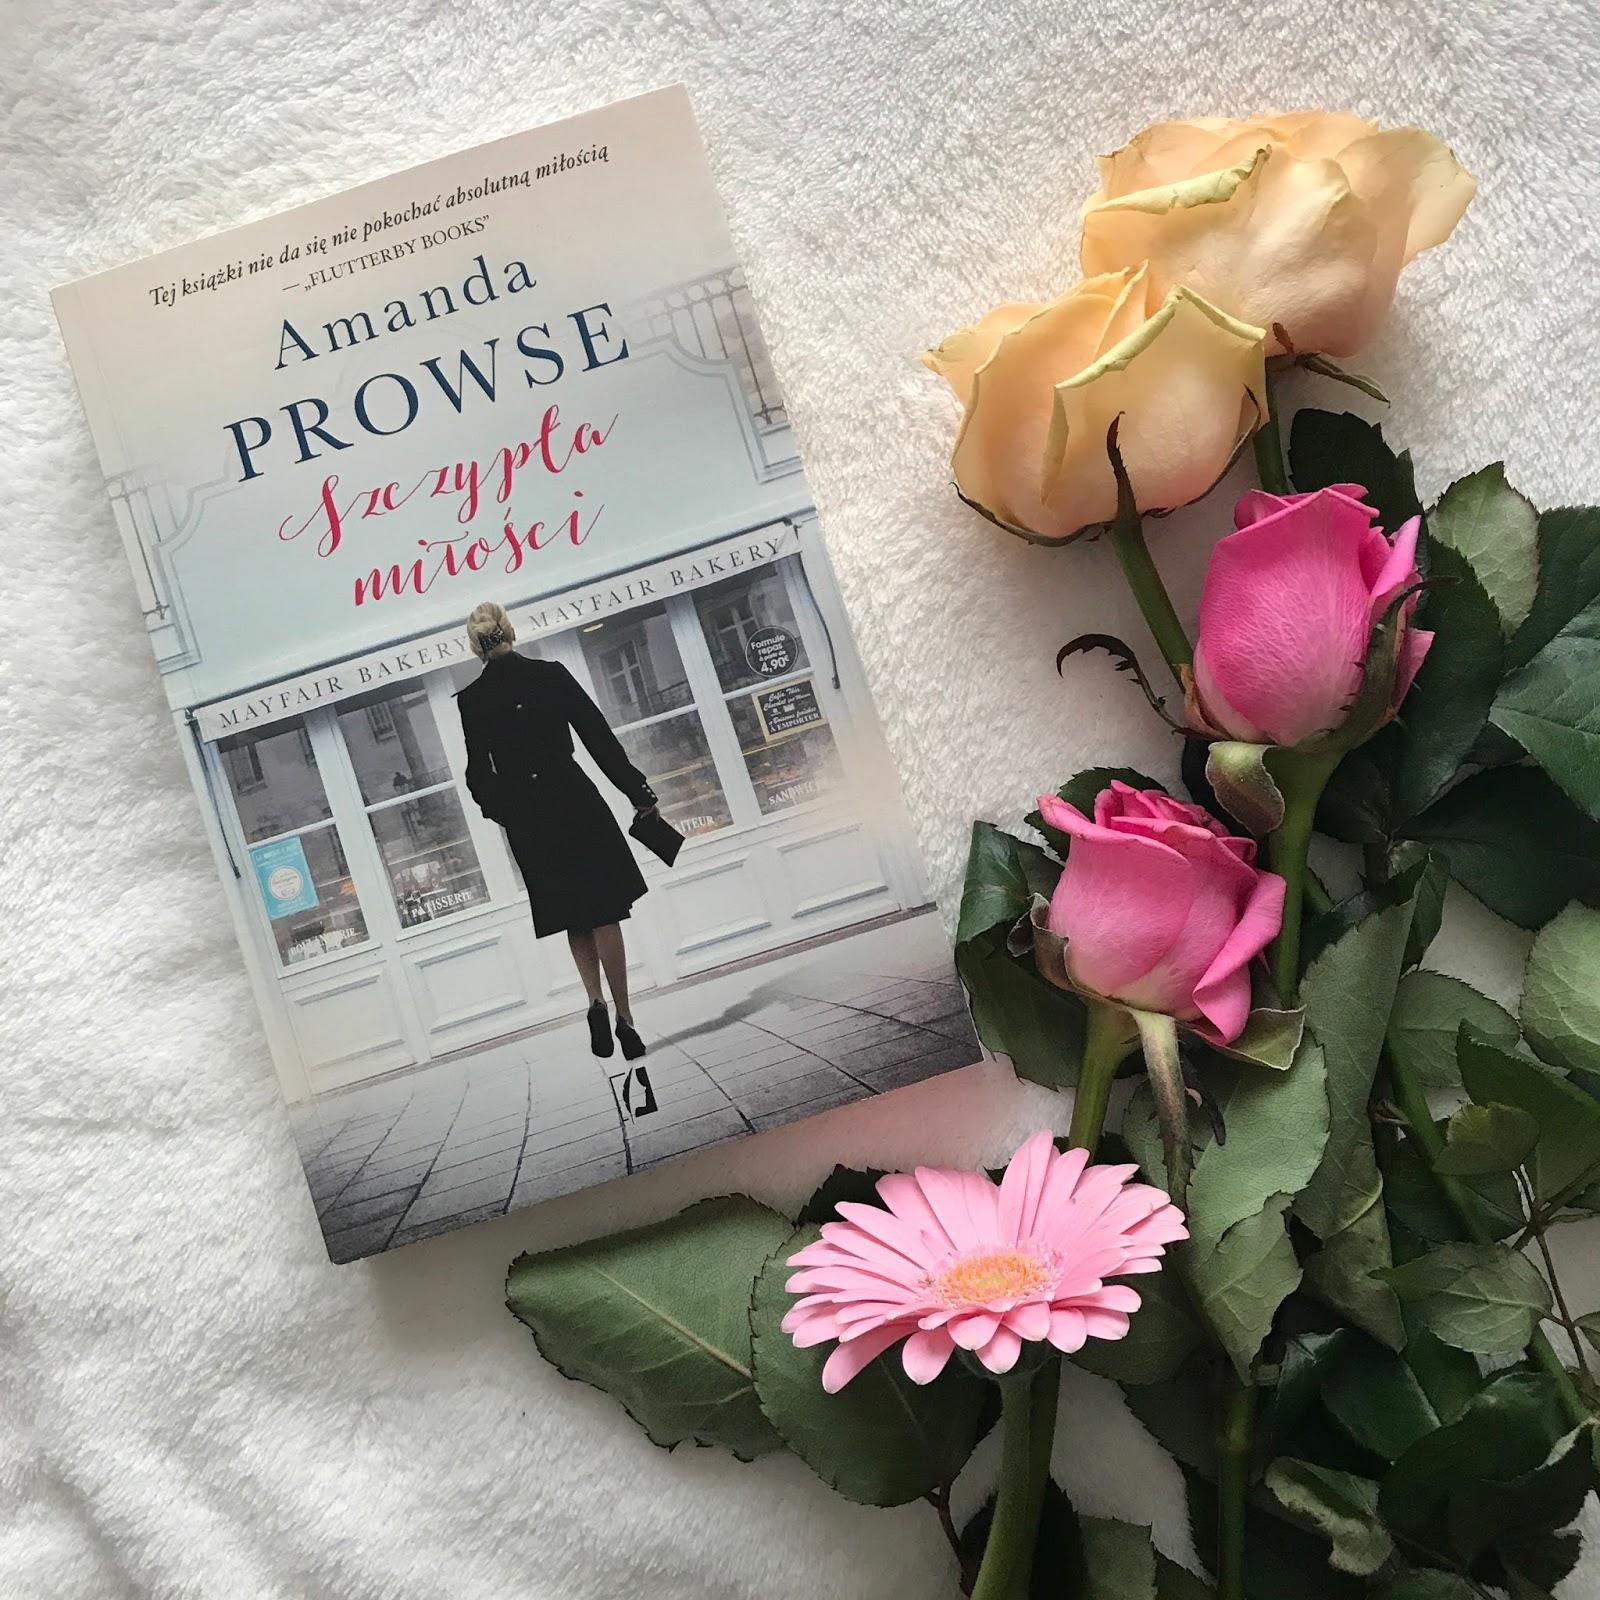 Amanda Prowse, Szczypta miłości